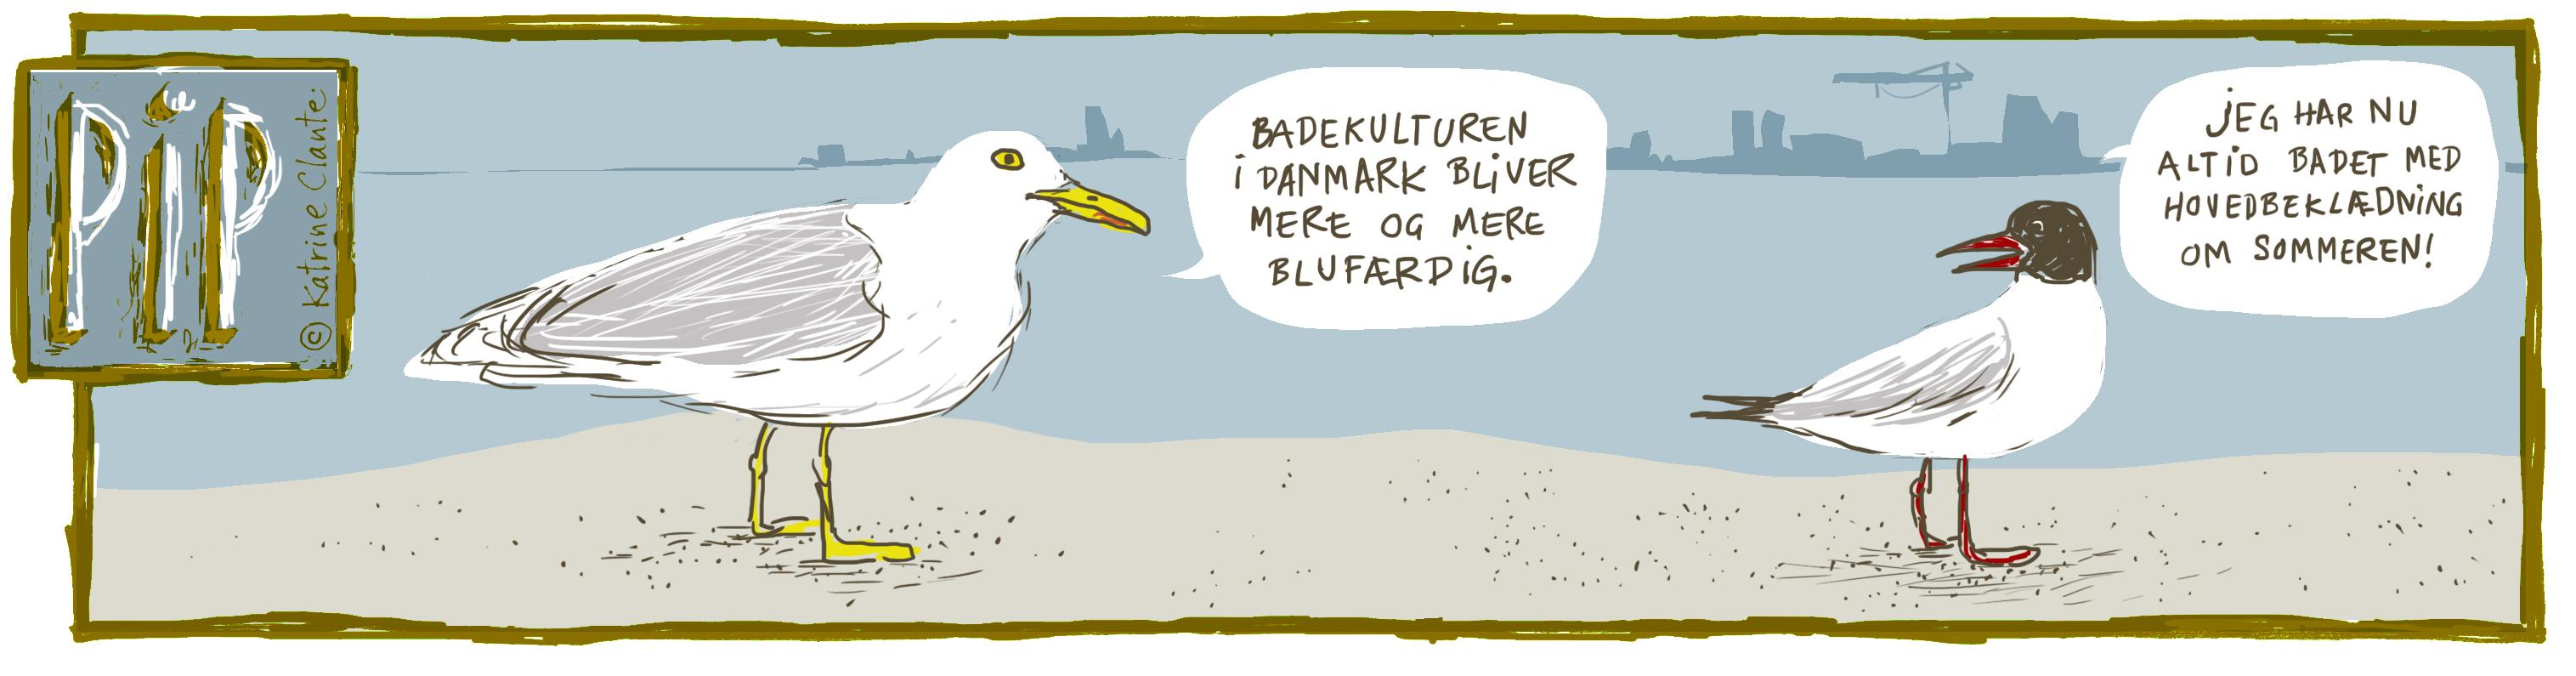 Katrine Clante - Østerbro Avis